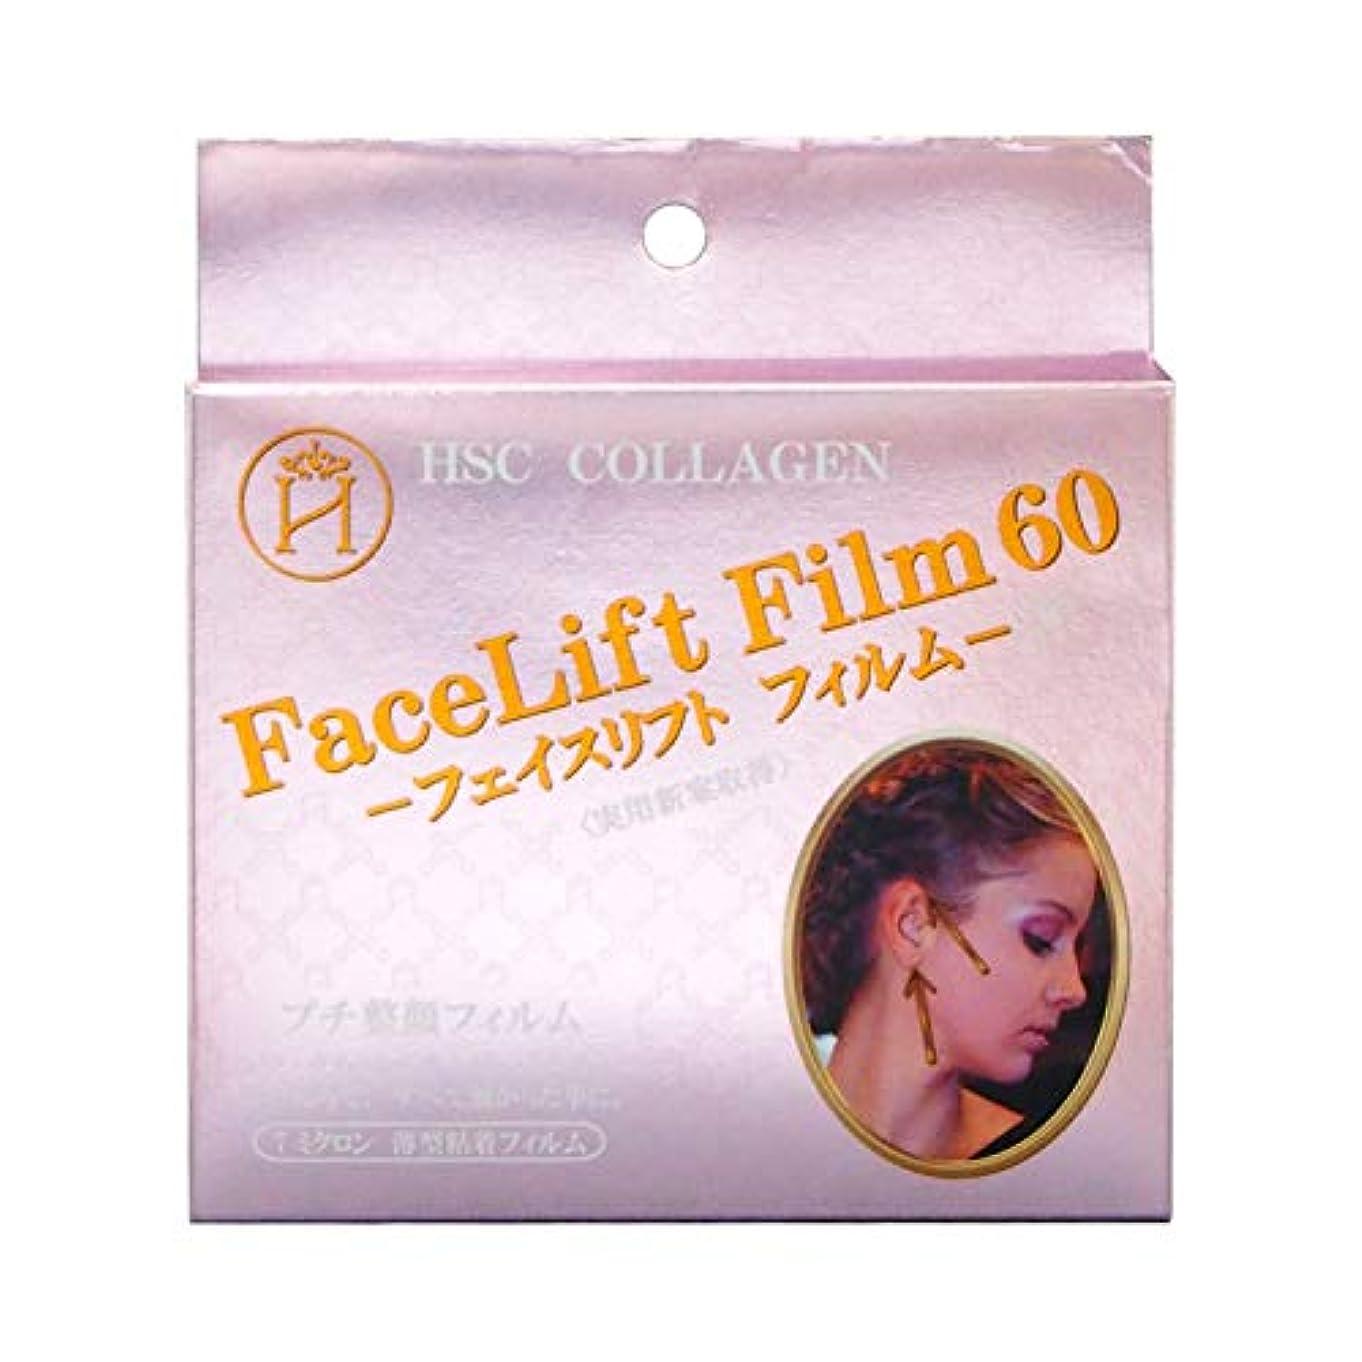 職人異常ピラミッドフェイスリフトフィルム60 たるみ テープ 引き上げ 透明 目立たない フェイスライン